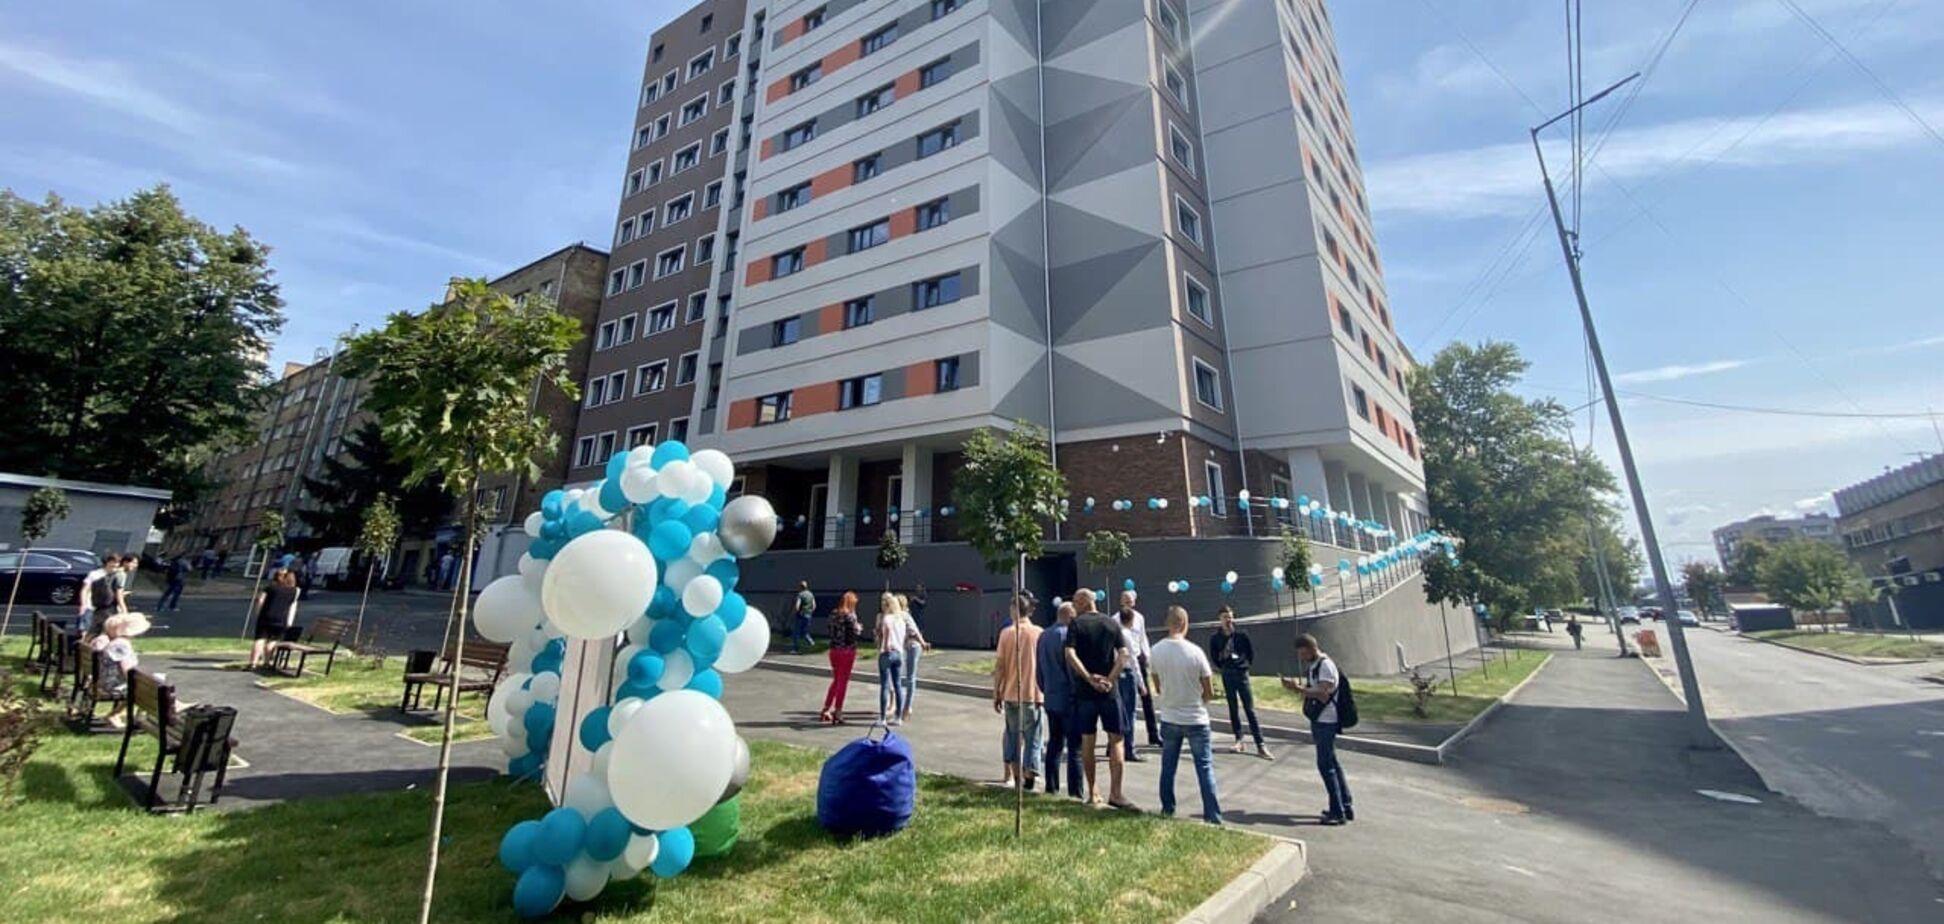 'Евротранс' завершил строительство студенческого общежития в Киеве. Фото